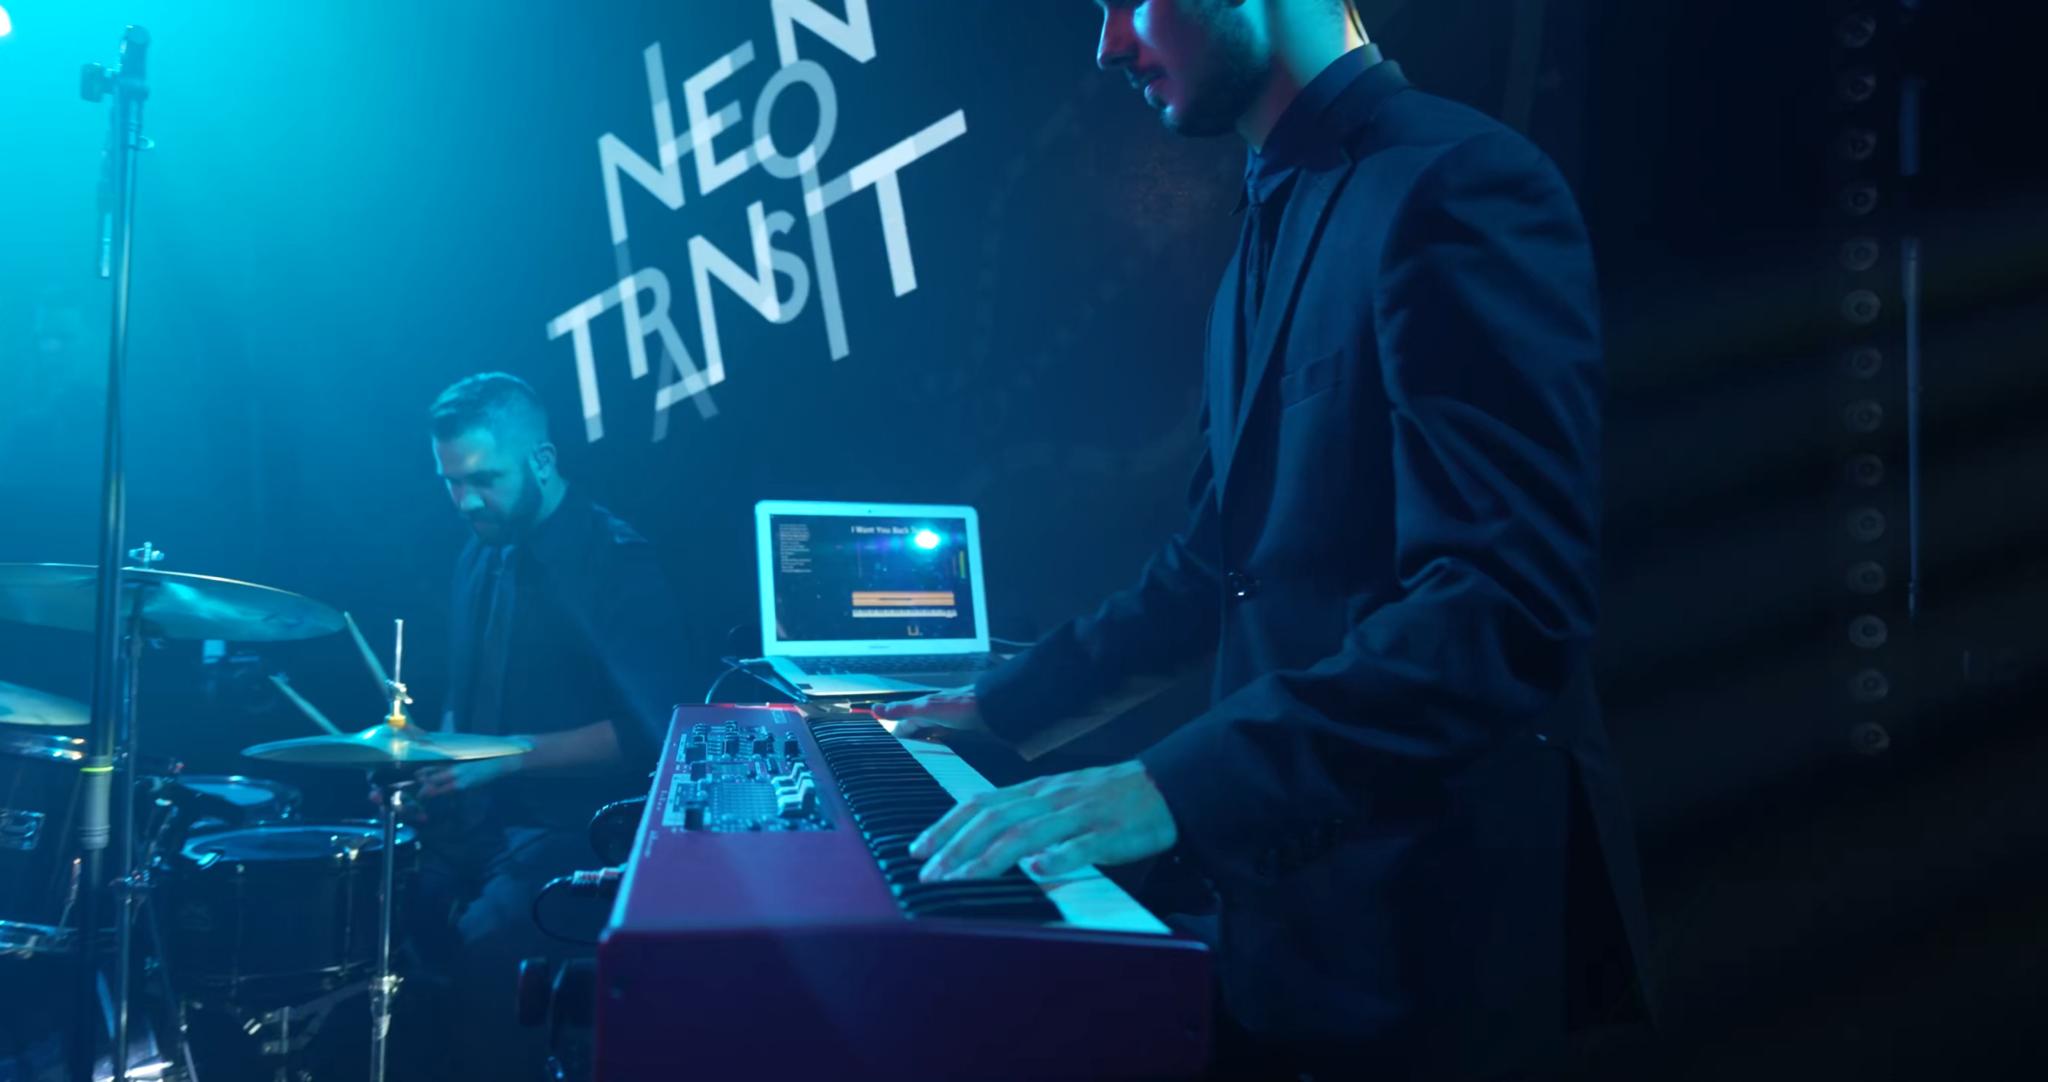 Neon Transit | Elegant Music Group